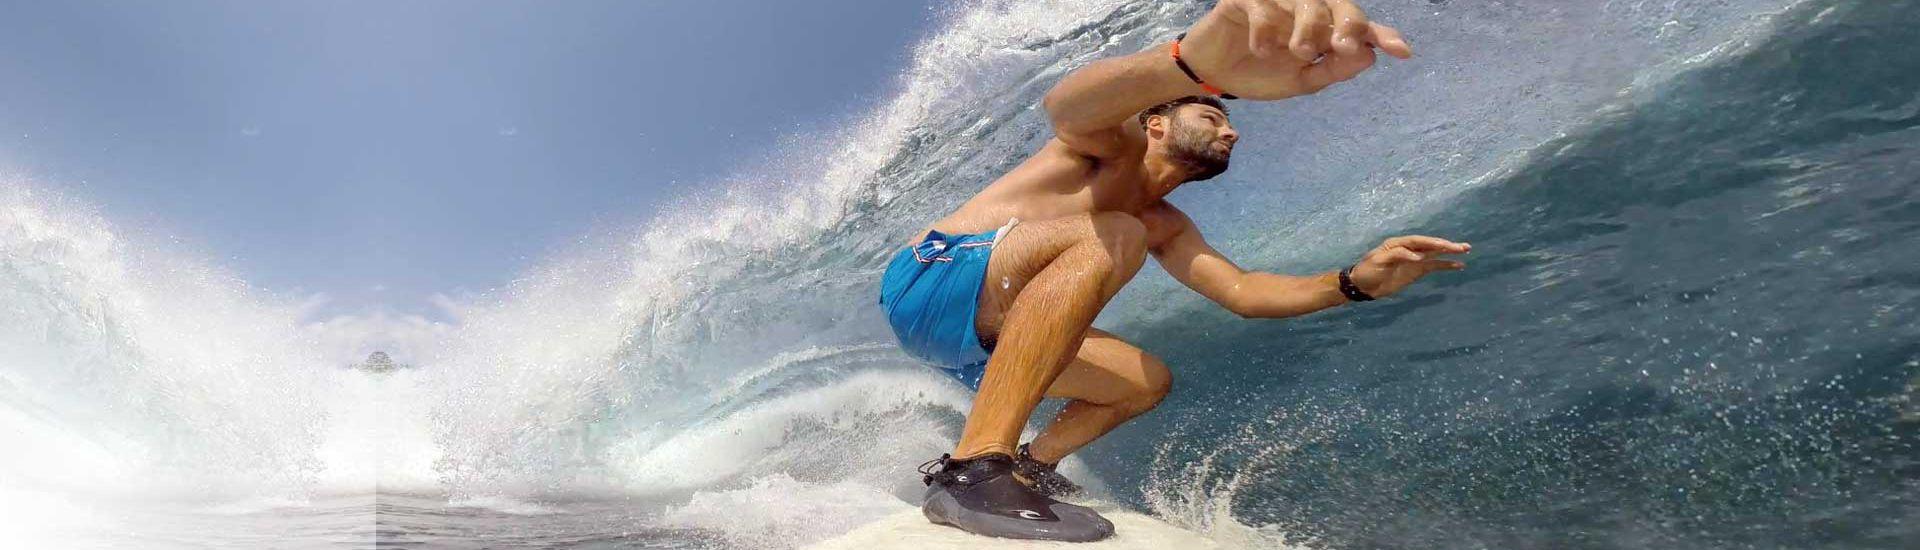 Surf voucher 22